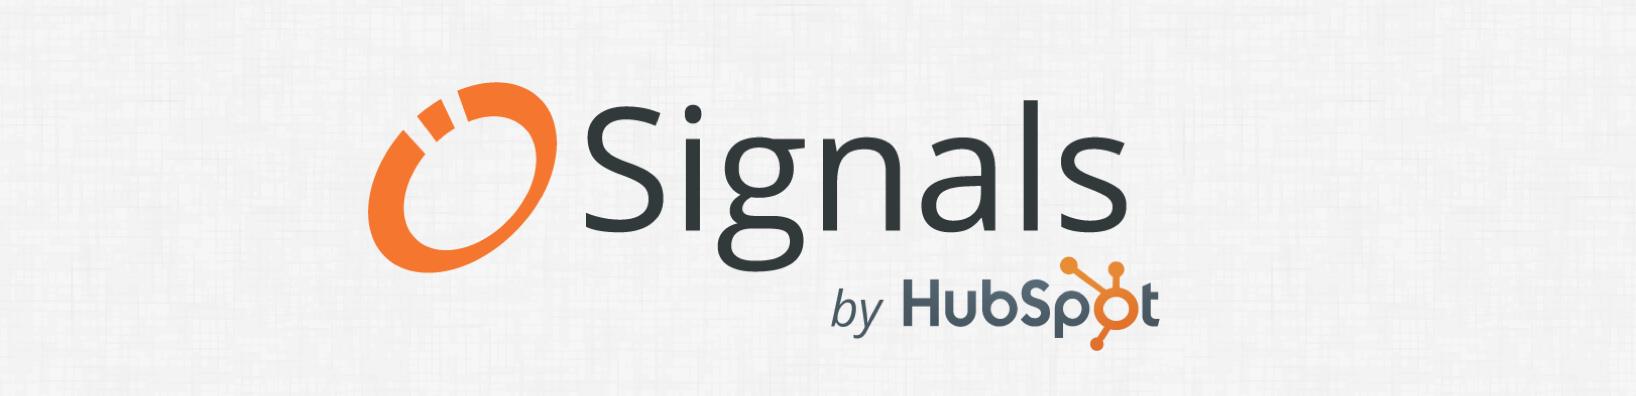 Sidekick_by_HubSpot_copy